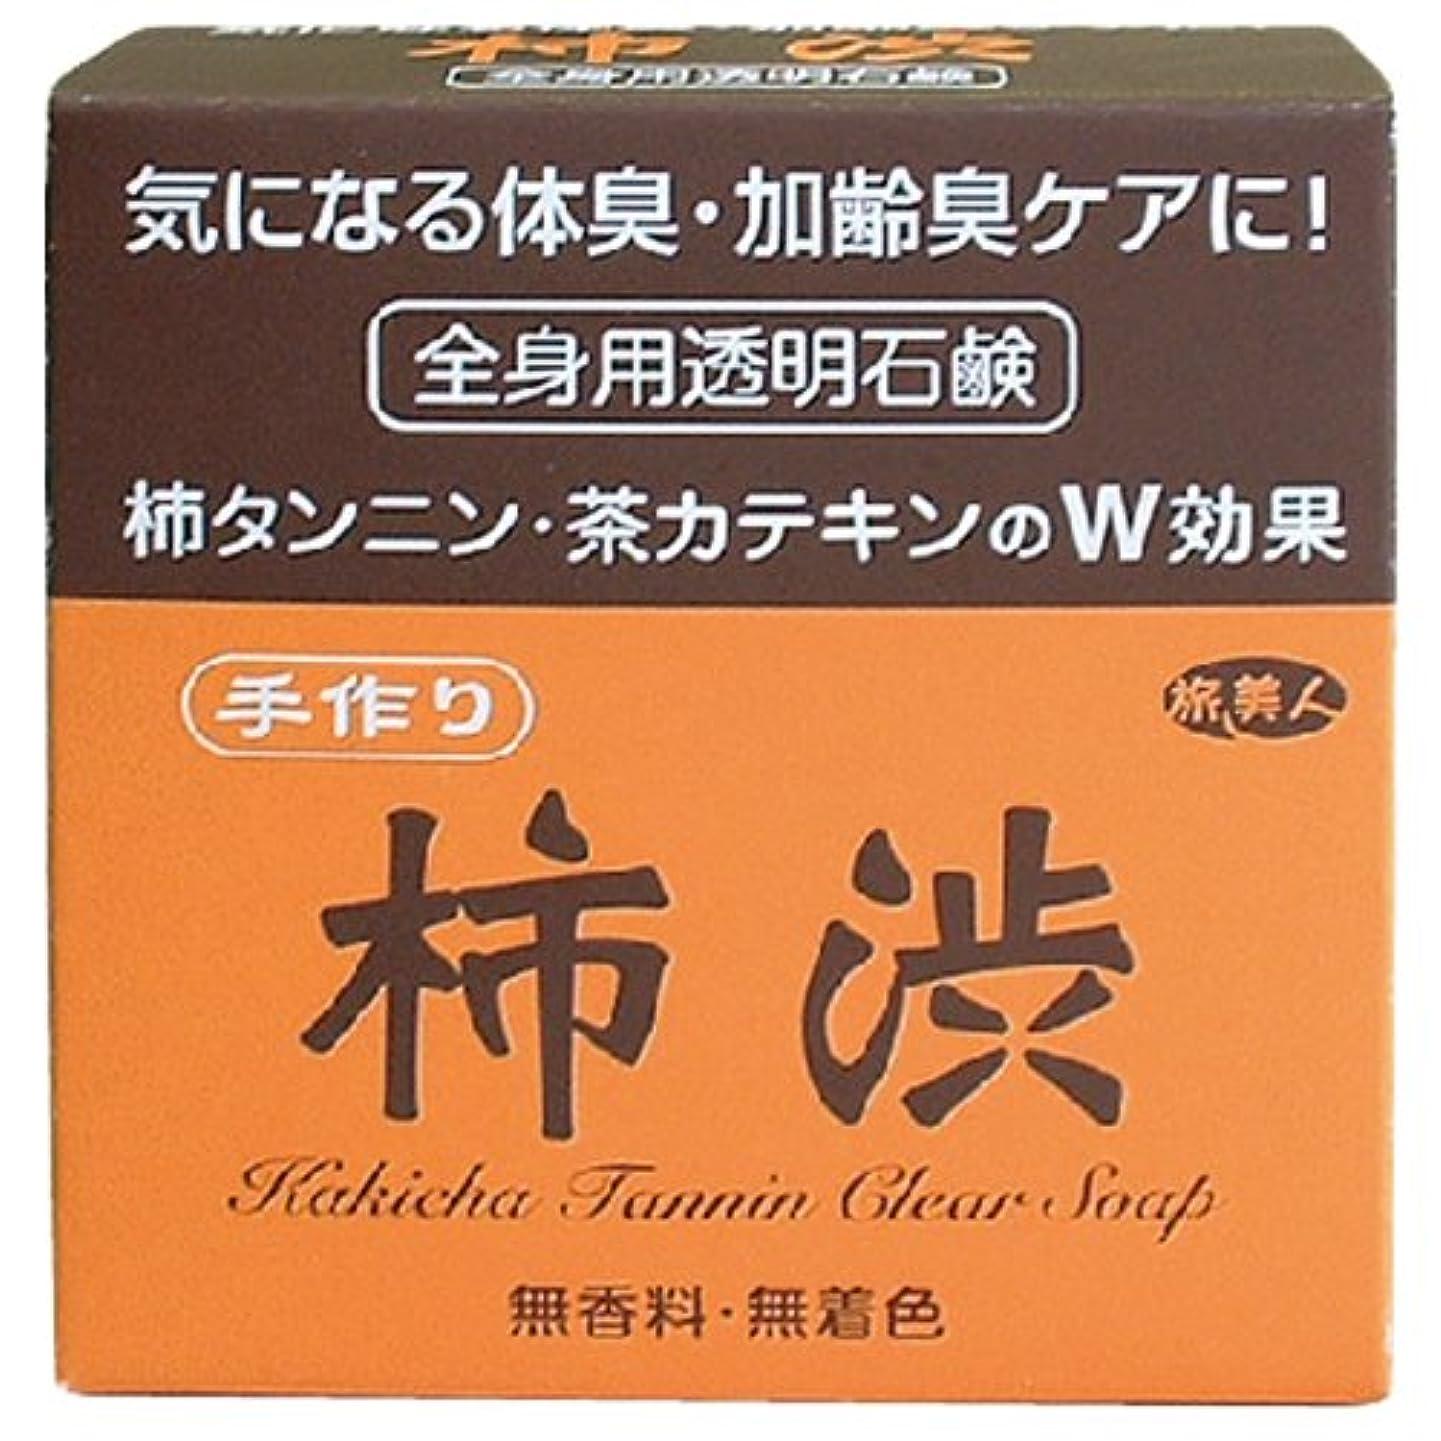 ほのめかす脆いセンター気になる体臭?加齢臭ケアに アズマ商事の手作り柿渋透明石鹸